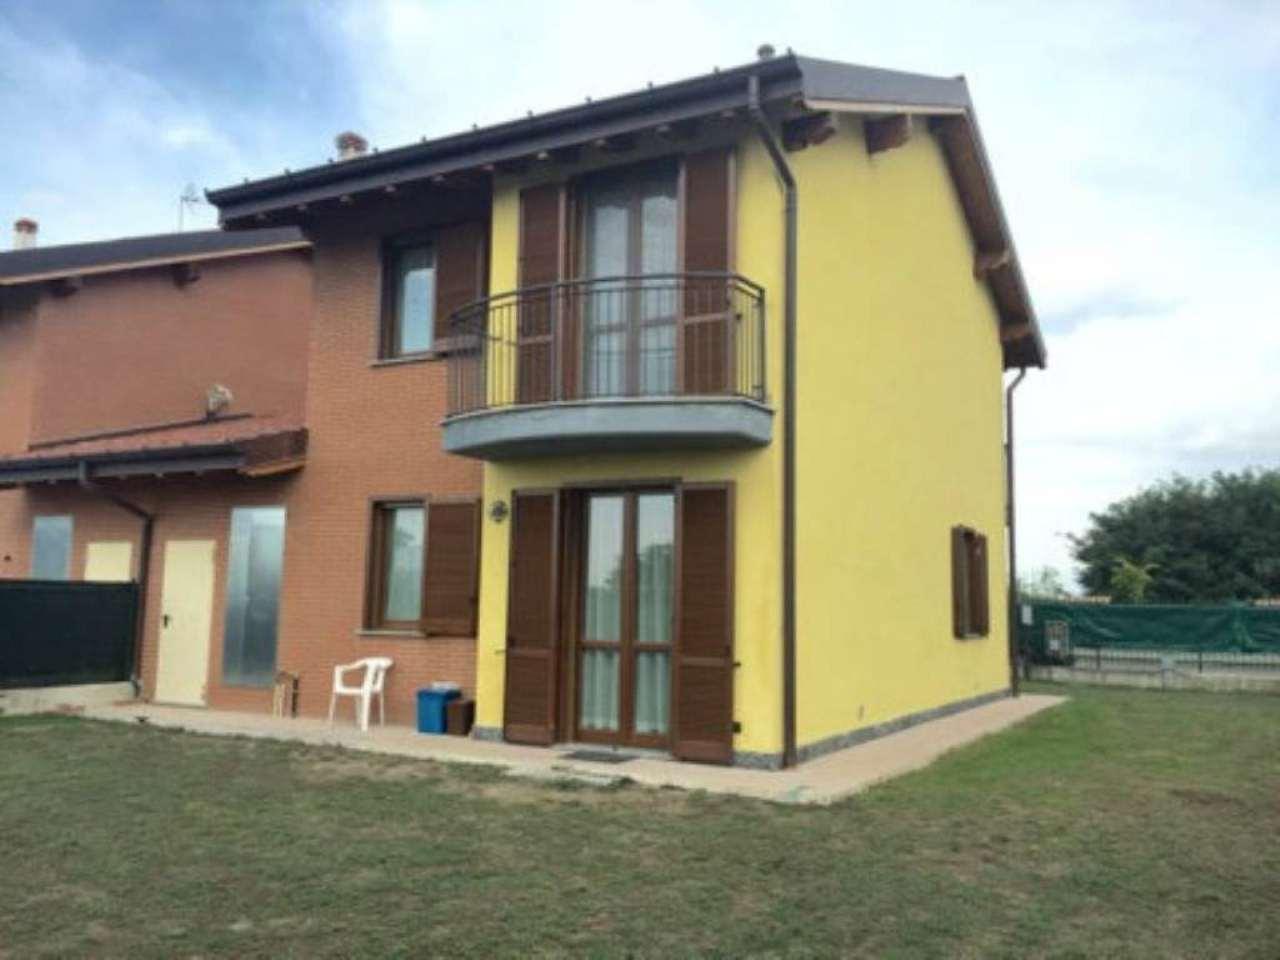 Villa Bifamiliare in vendita a Bereguardo, 4 locali, prezzo € 165.000 | Cambio Casa.it